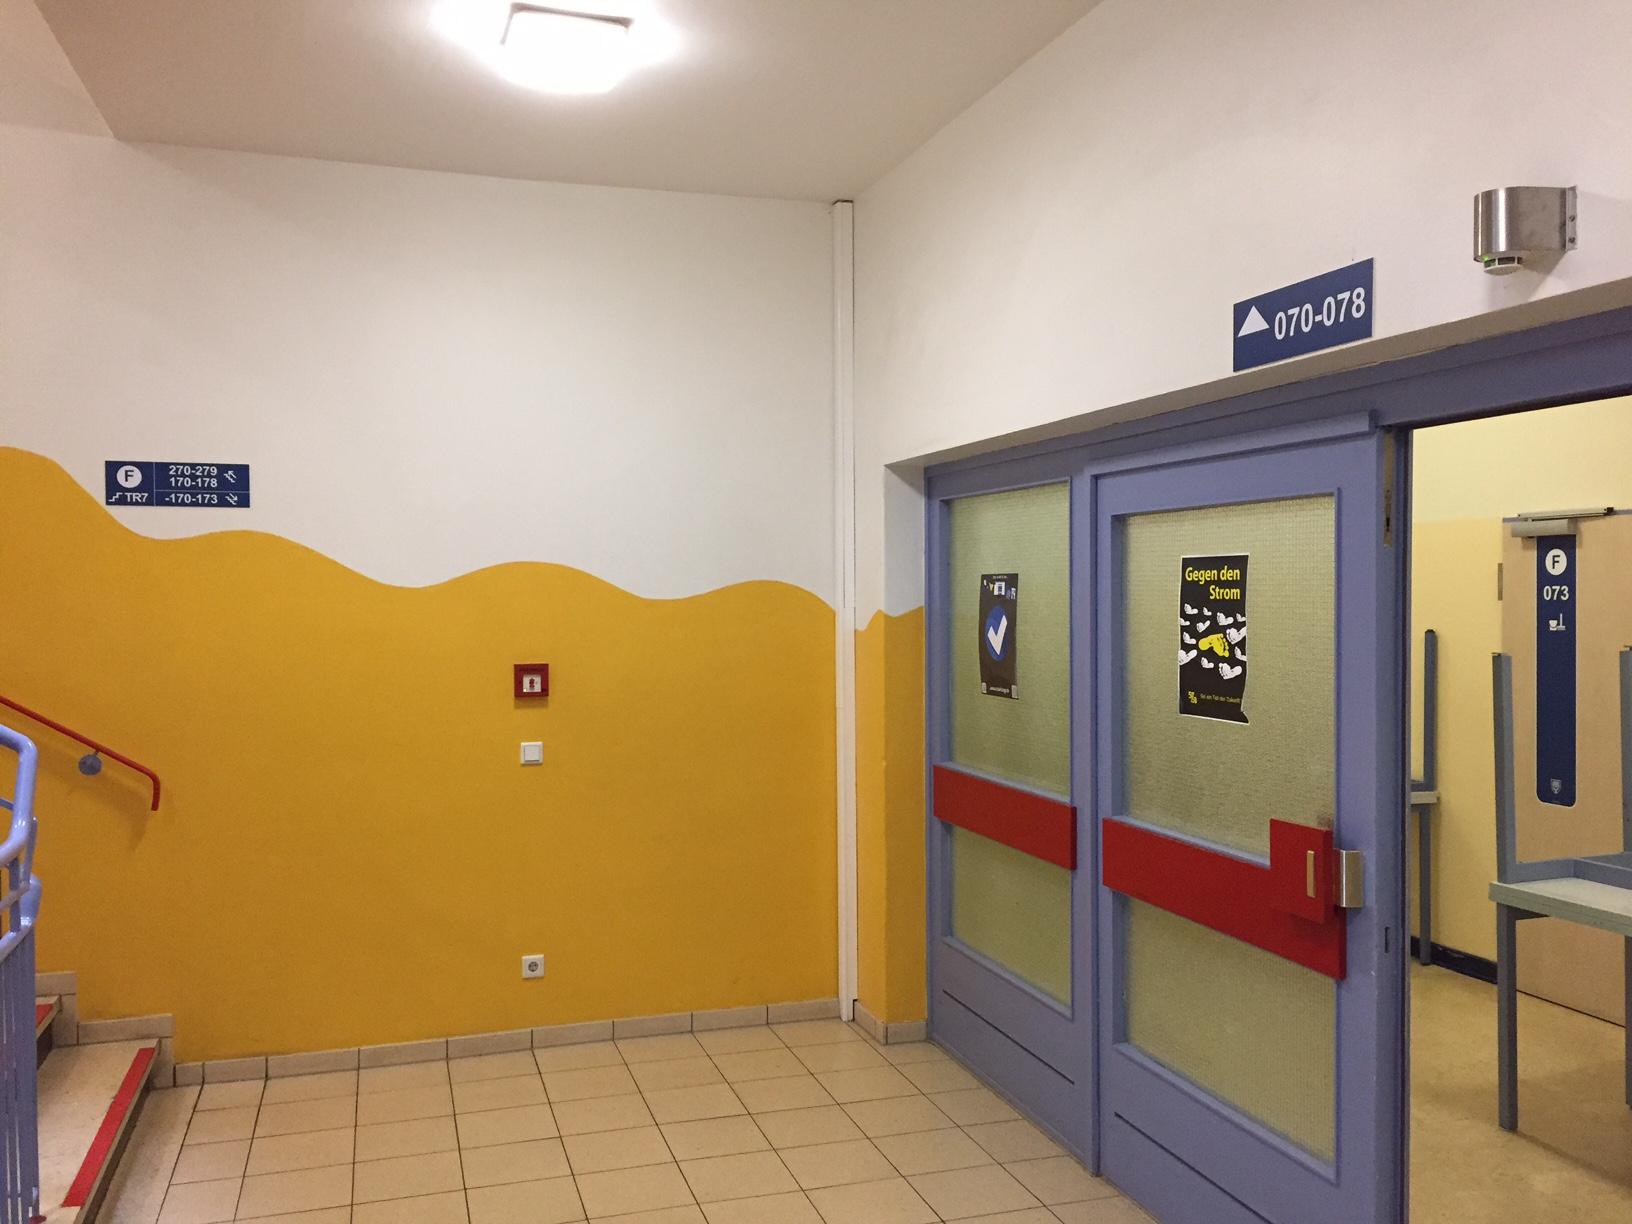 Oberlichter sind ein Bestandteil des Farbleitsystems zur besseren Orientierung an Schulen.